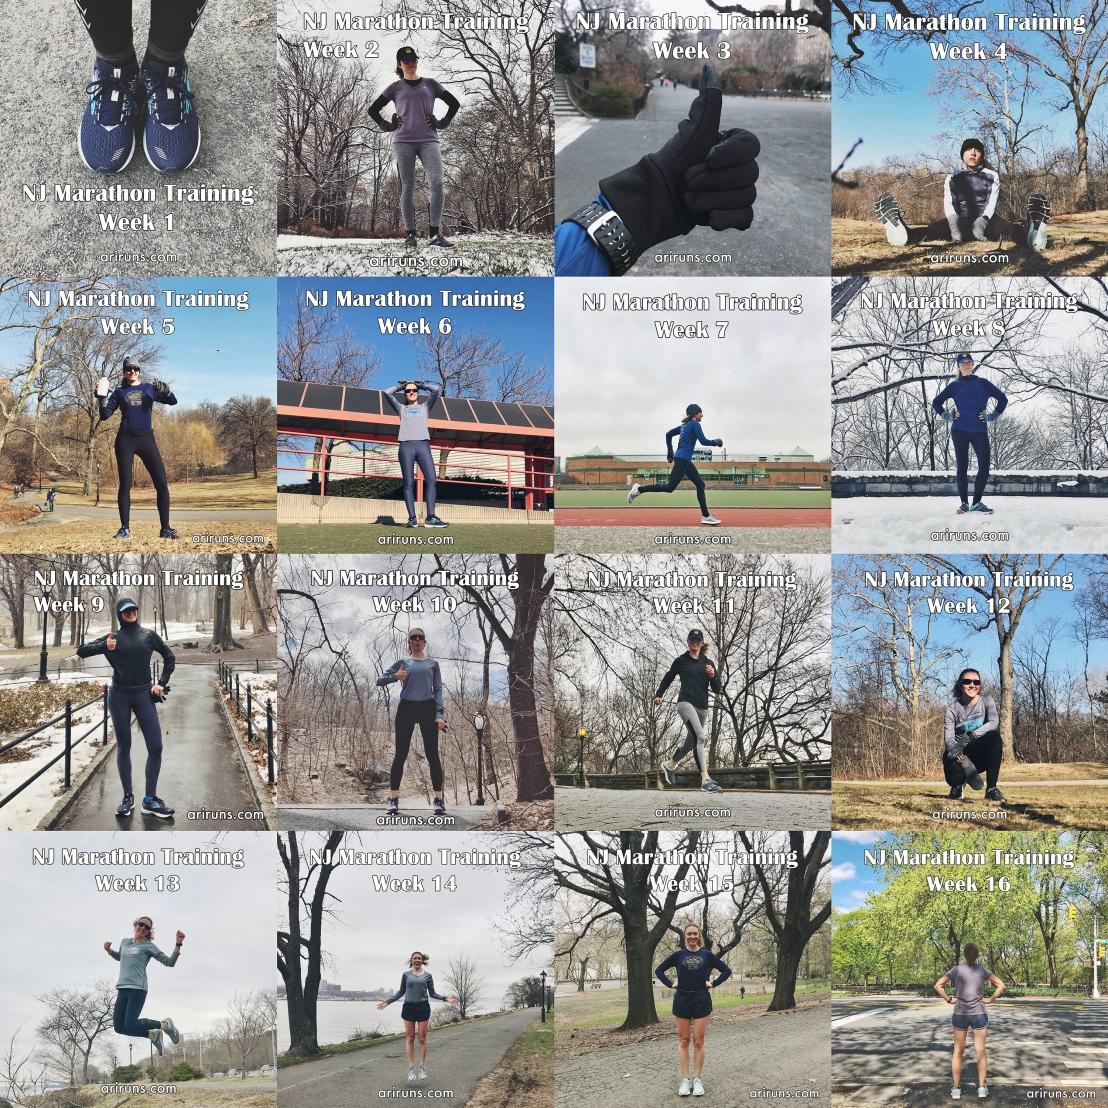 IMG_1680_ALL 16 NJ Marathon Training Weeks FLAT